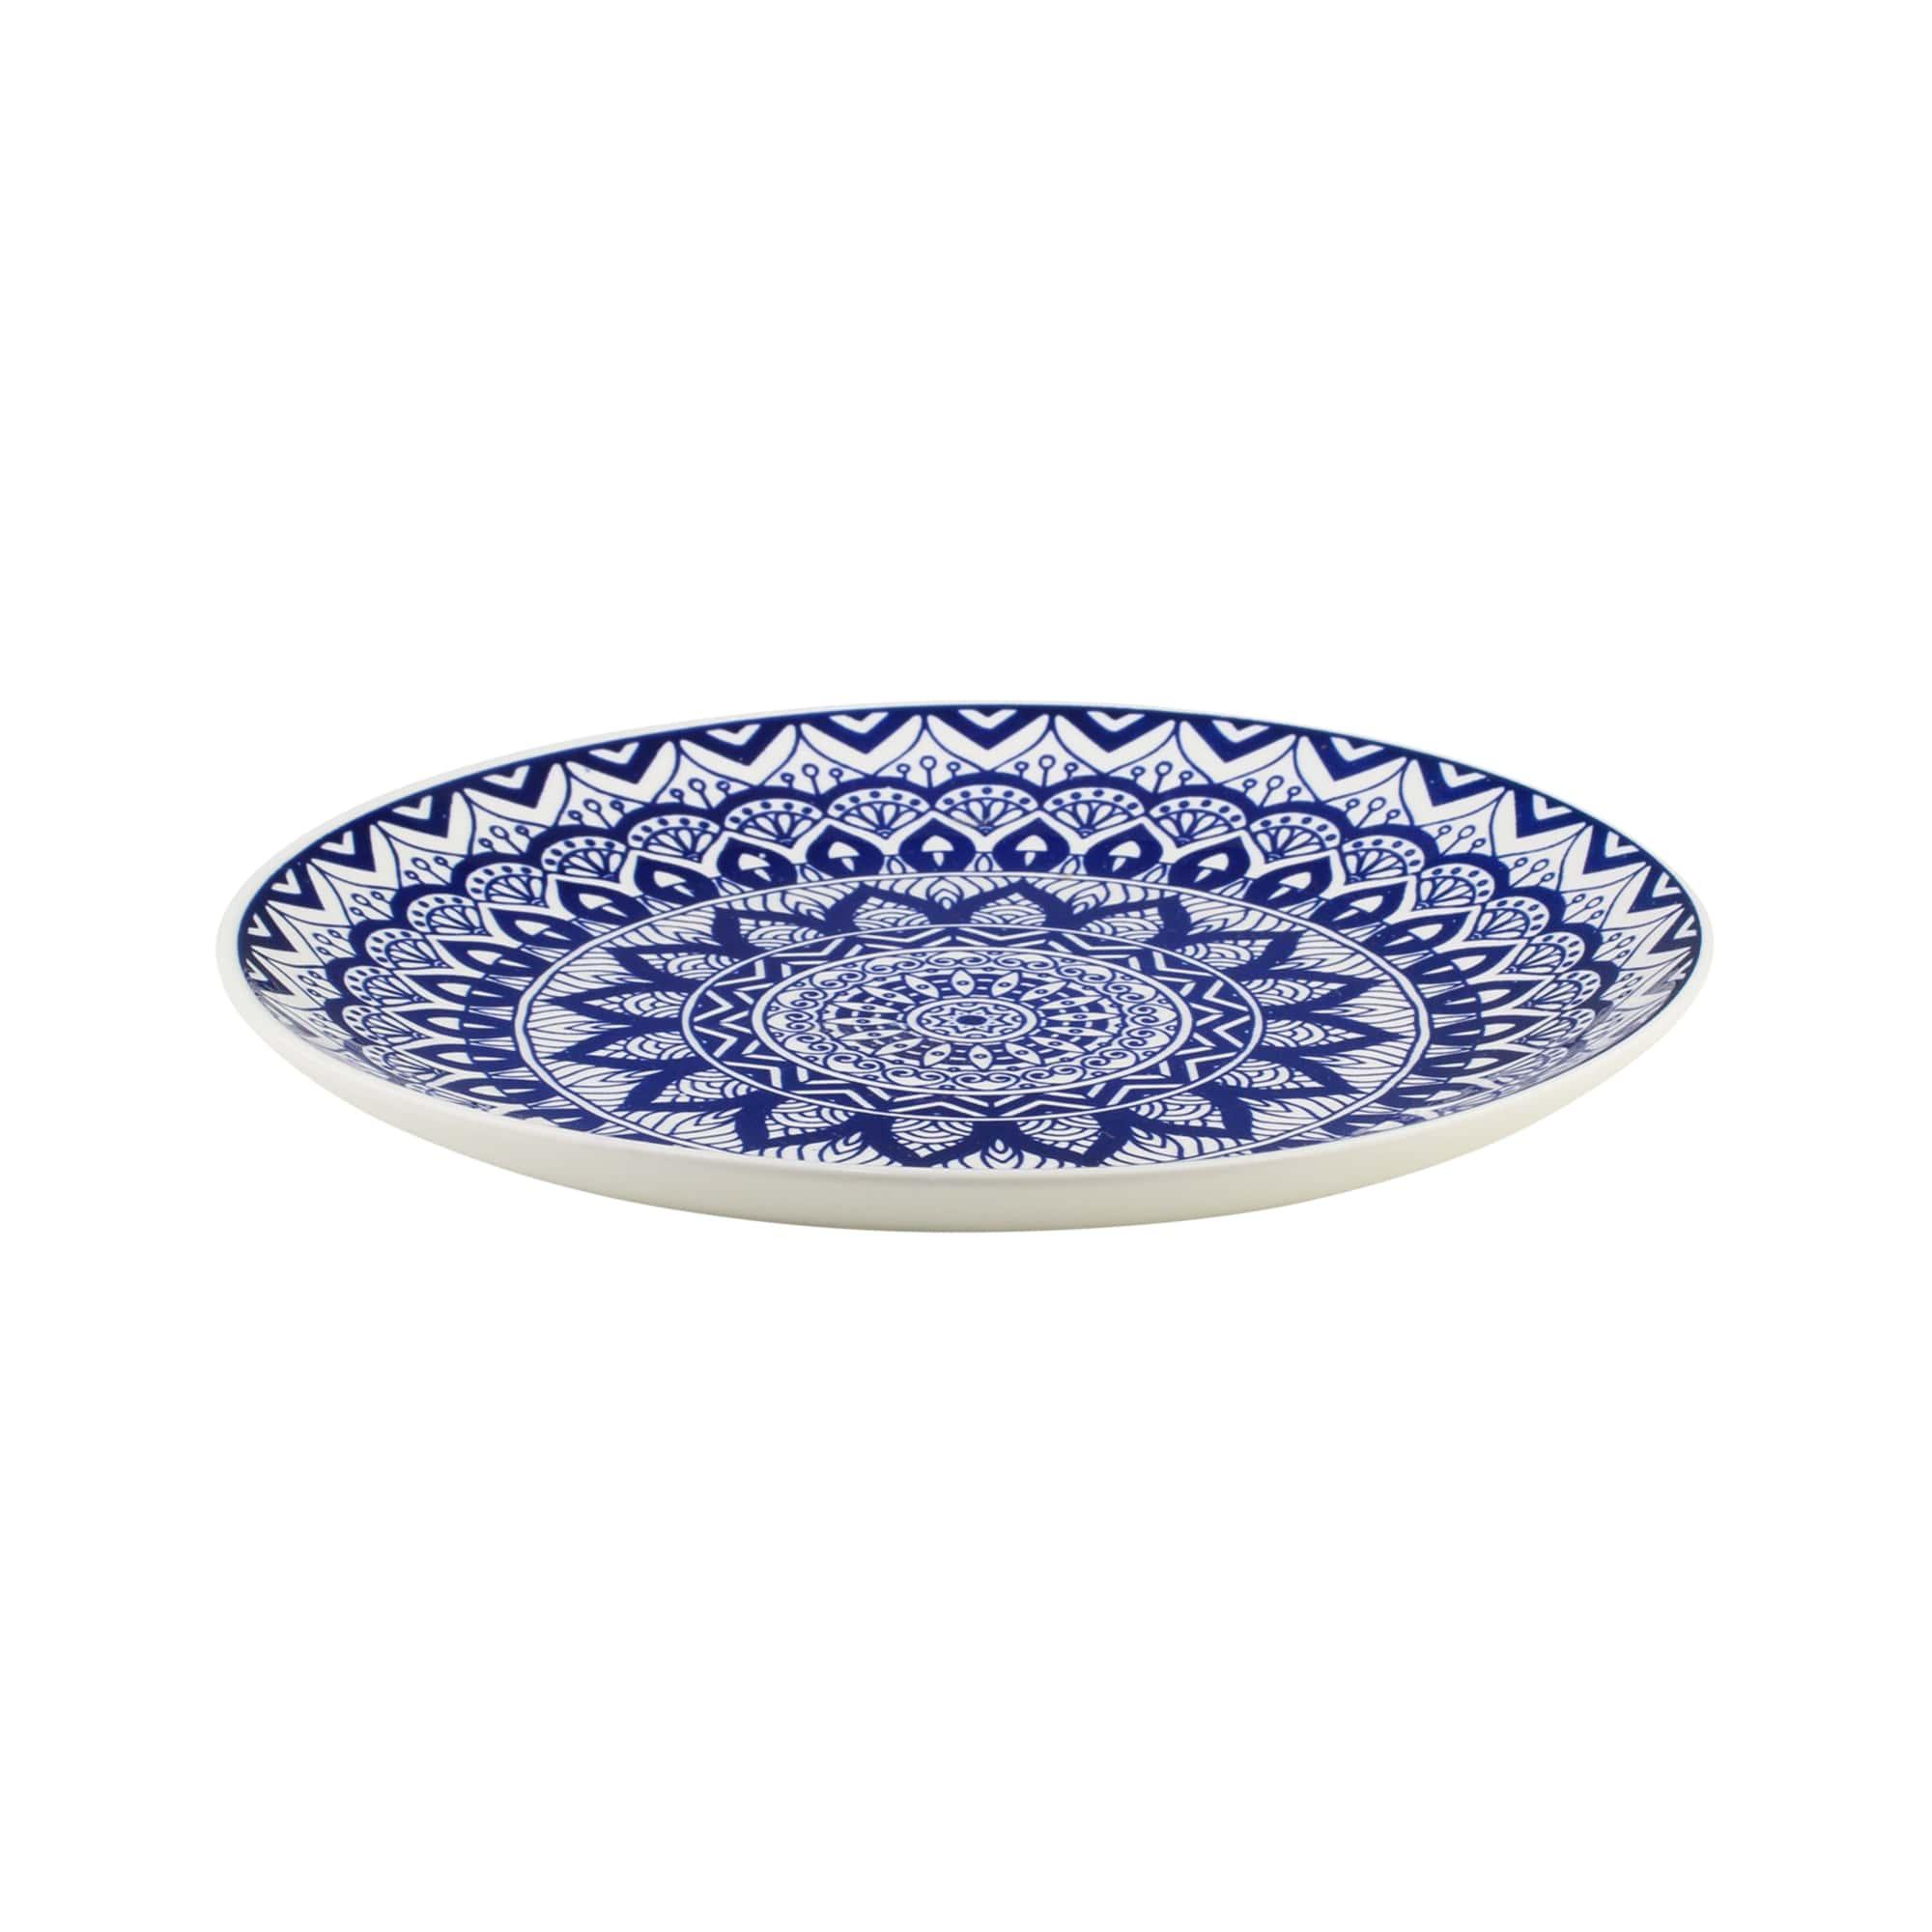 Jogo com 4 Pratos Mesa em Cerâmica Mandala Azul e Branco 26 cm